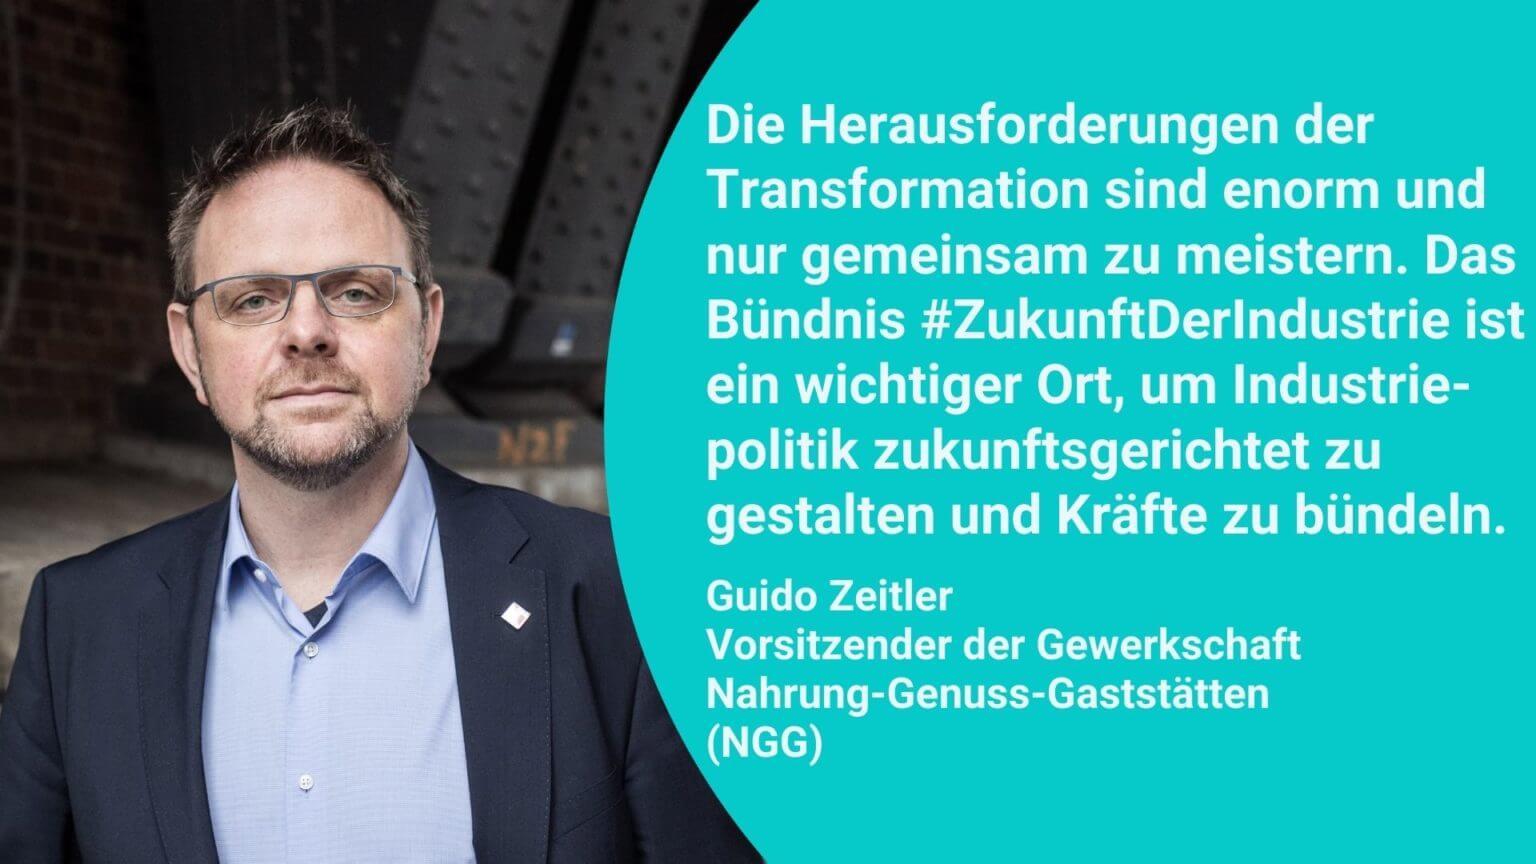 Zeitler_Guido_NGG-1536x864